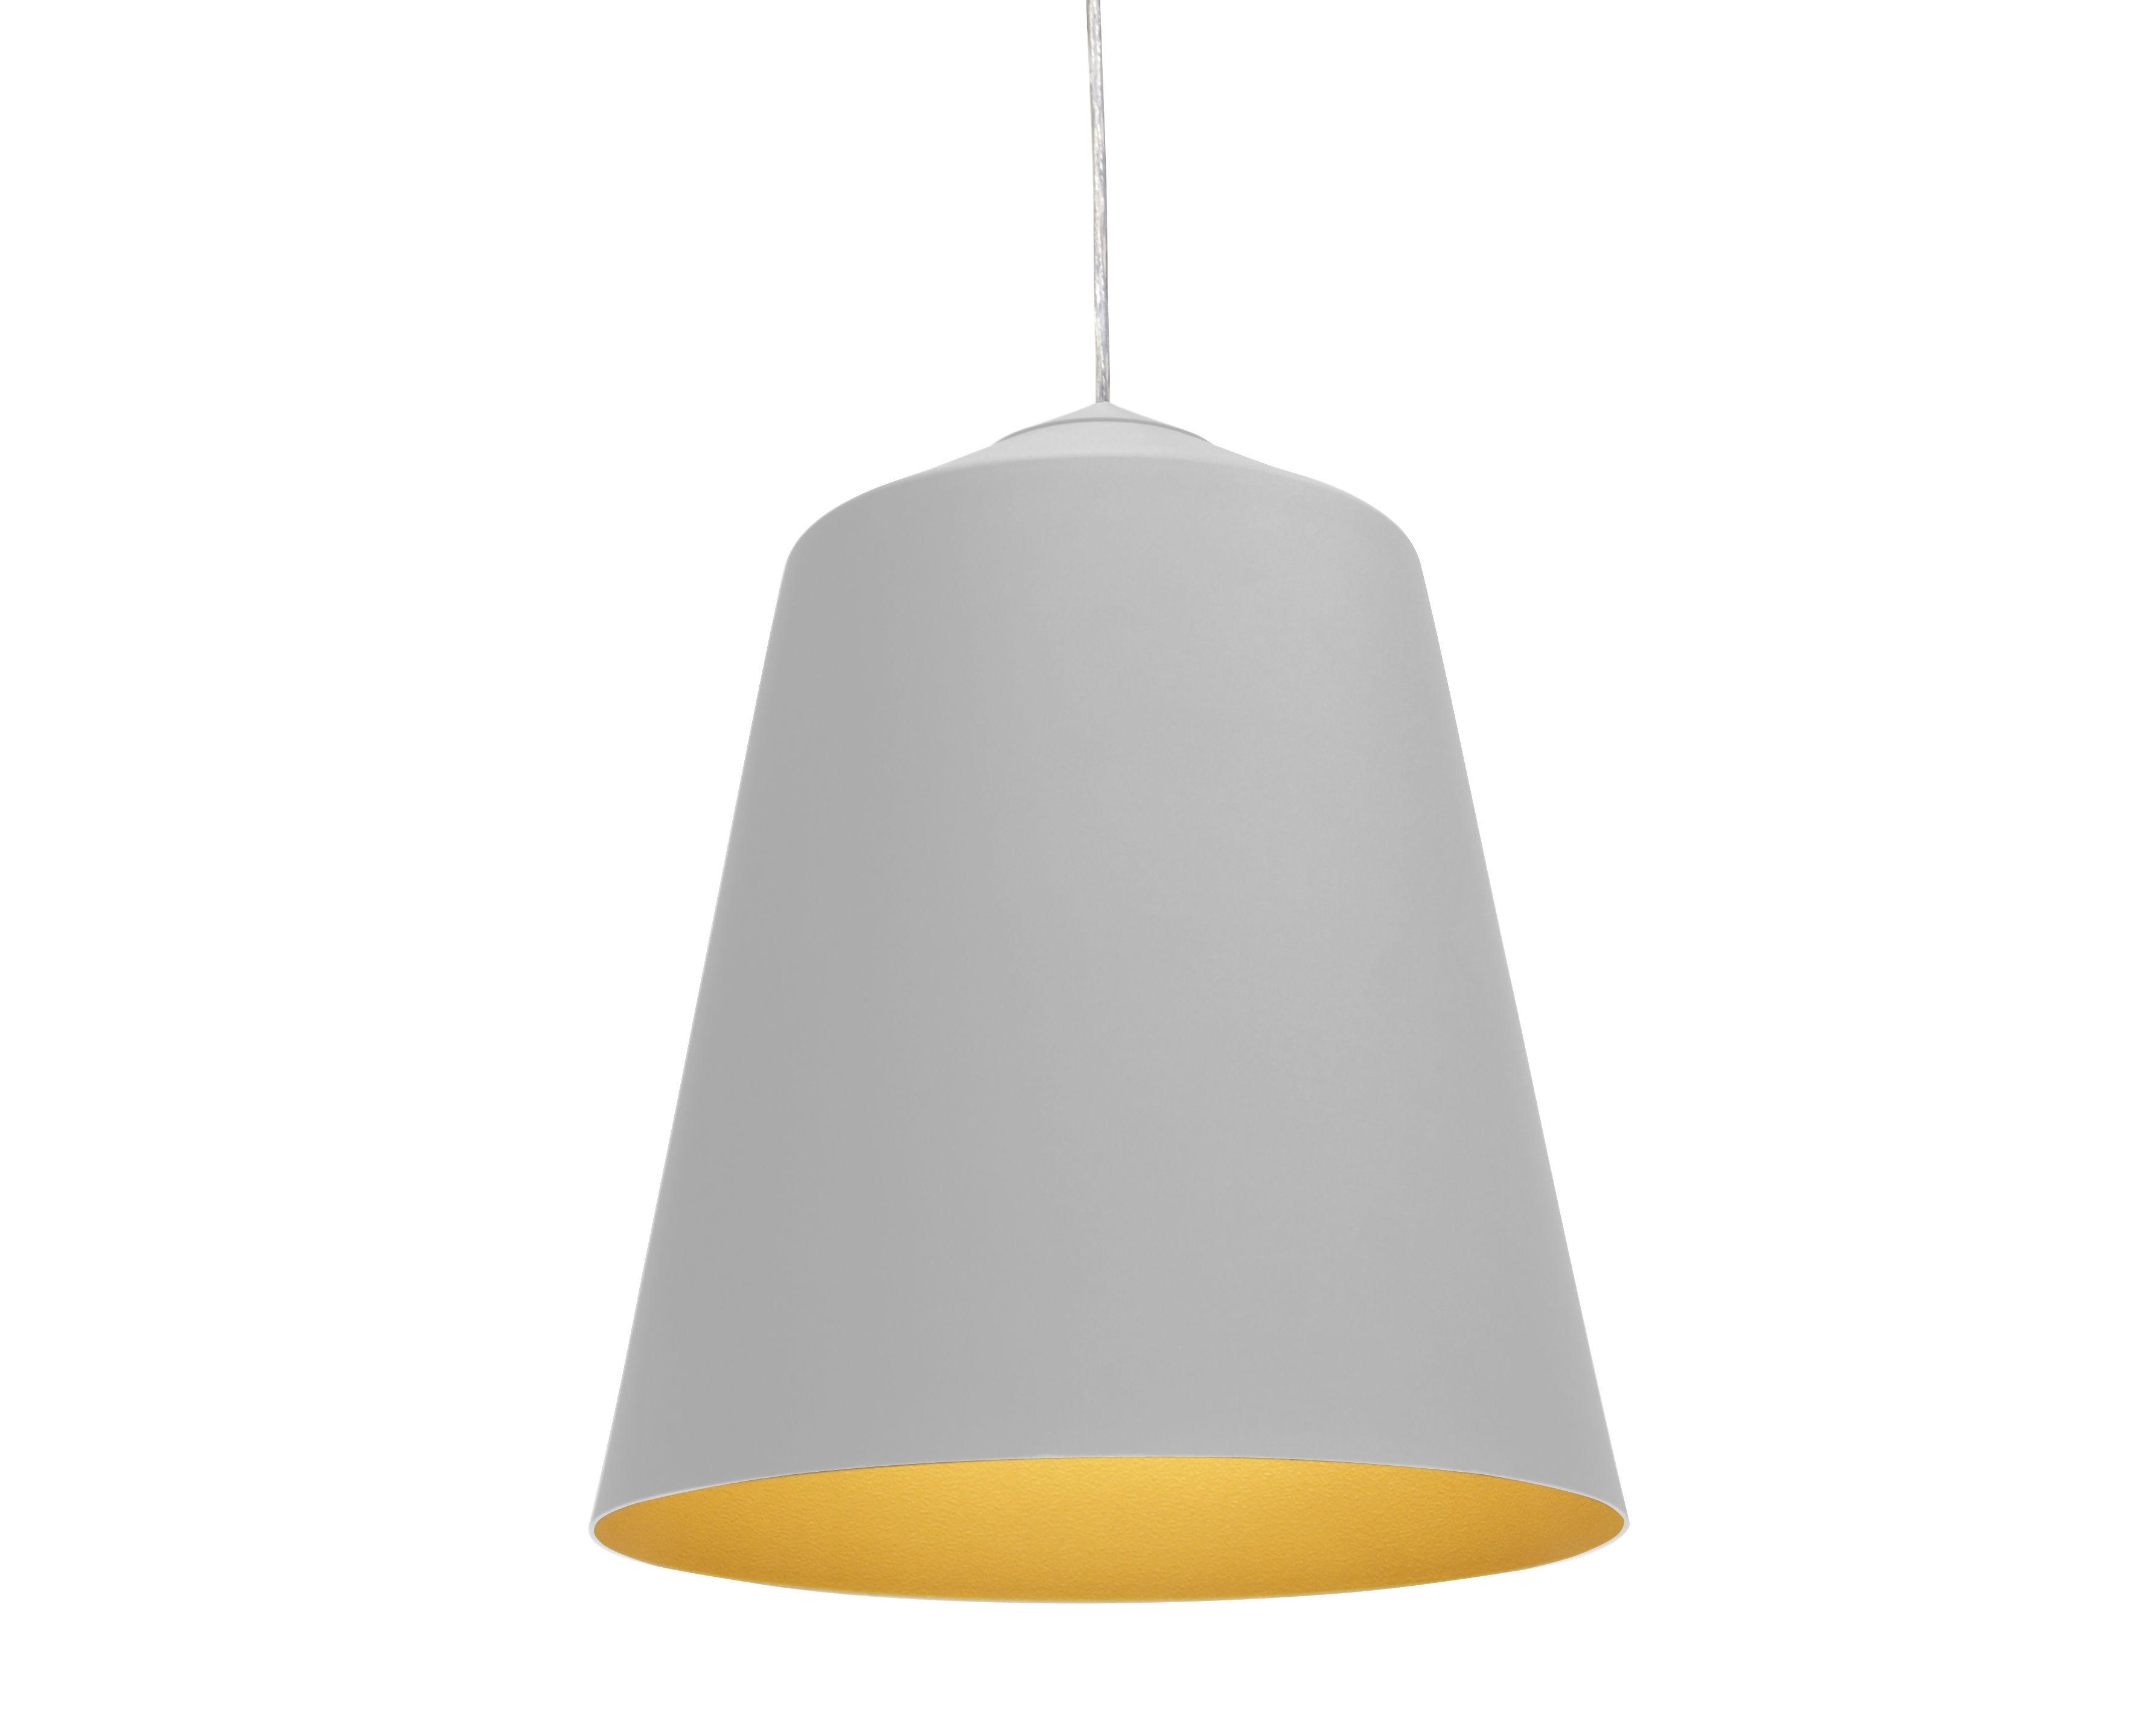 Luminaire - Suspensions - Suspension Circus Medium Ø 36 x H 42 cm - Innermost - Blanc mat / Intérieur doré - Aluminium